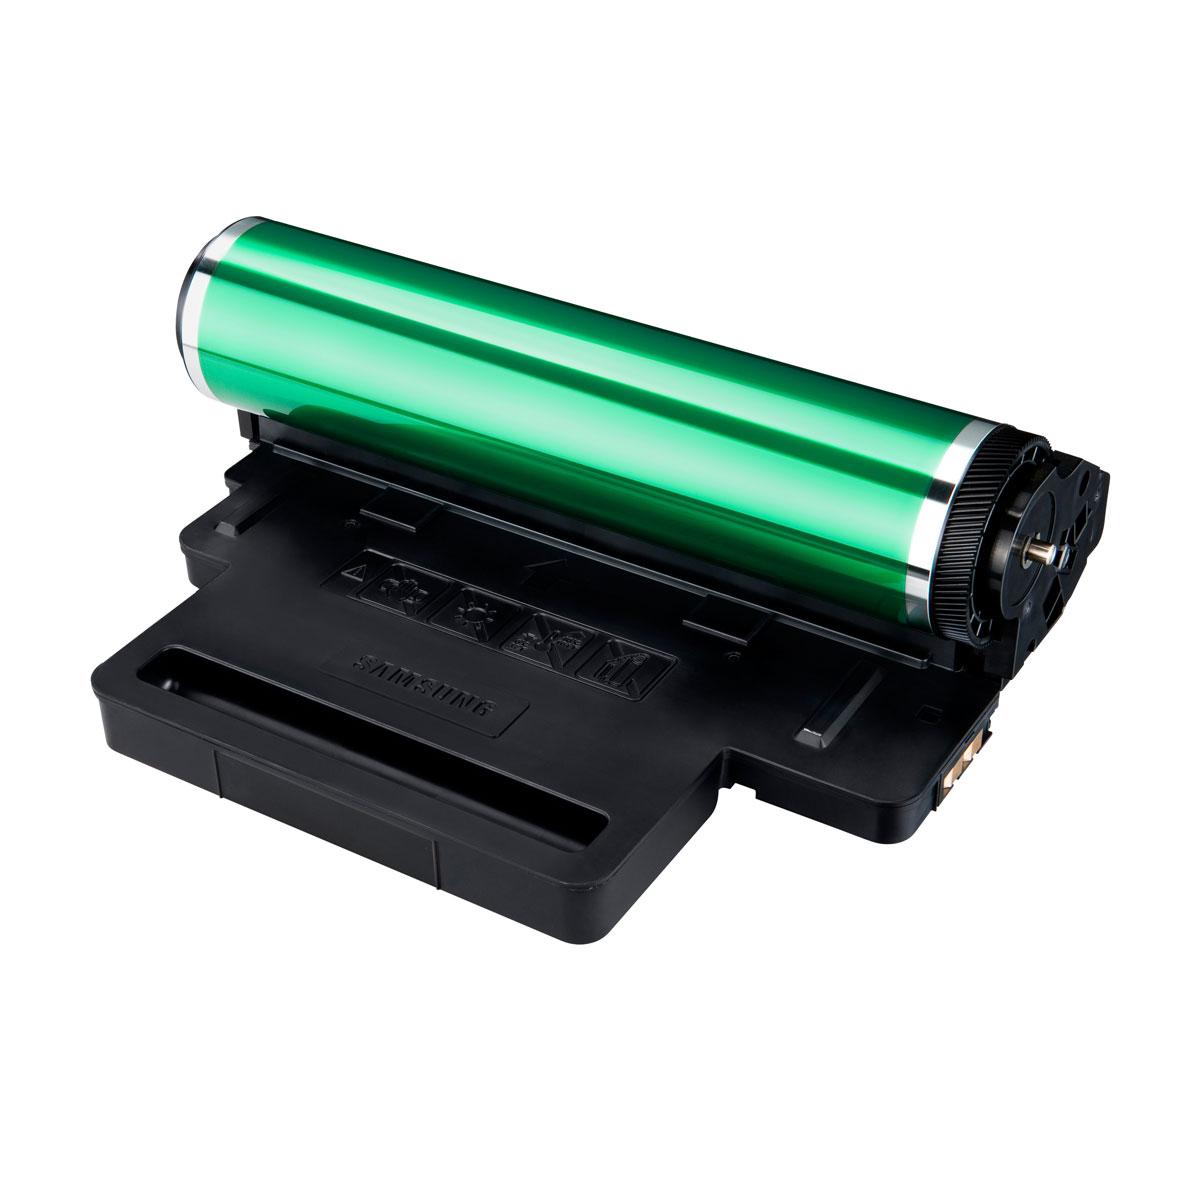 Toner imprimante Samsung CLT-R409 Kit de fusion